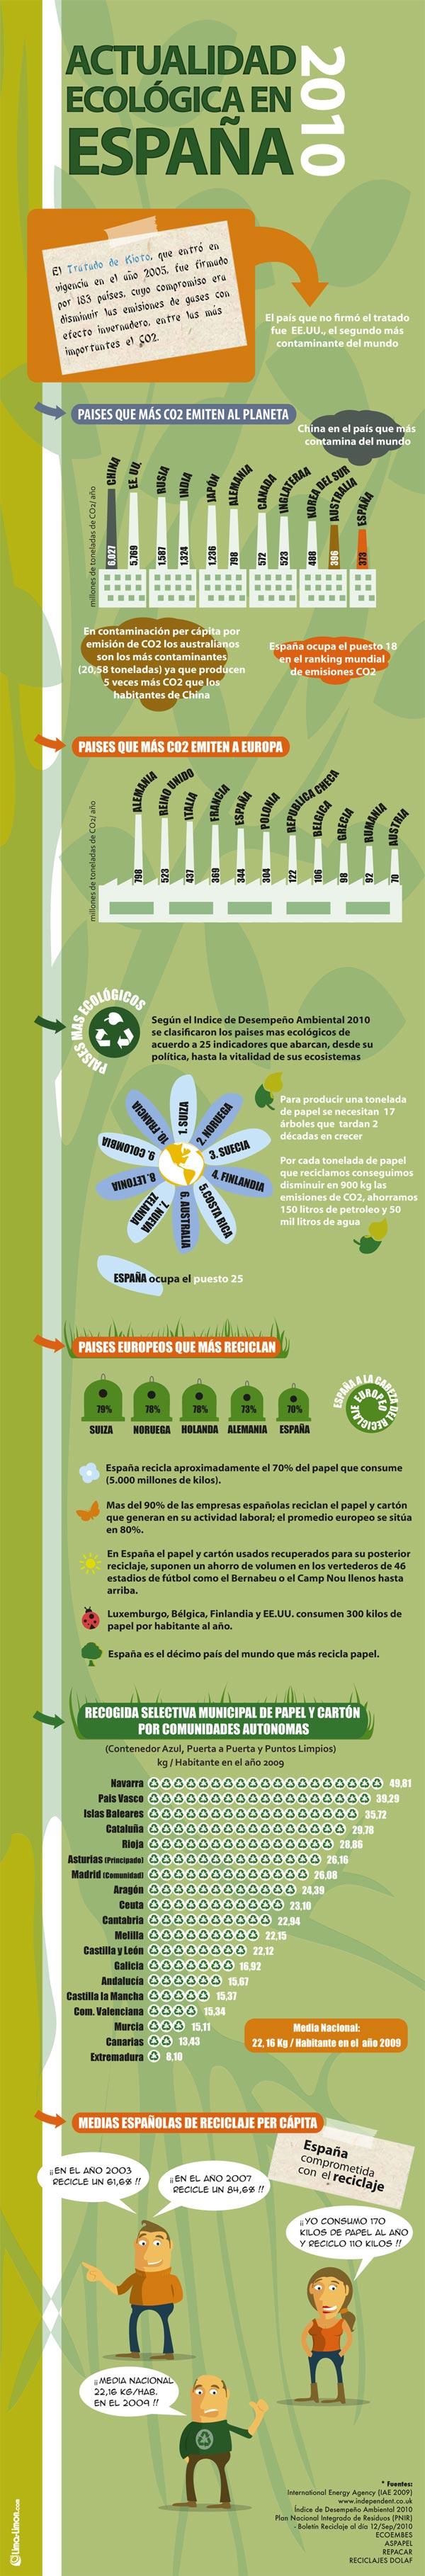 Actualidad ecologica en España